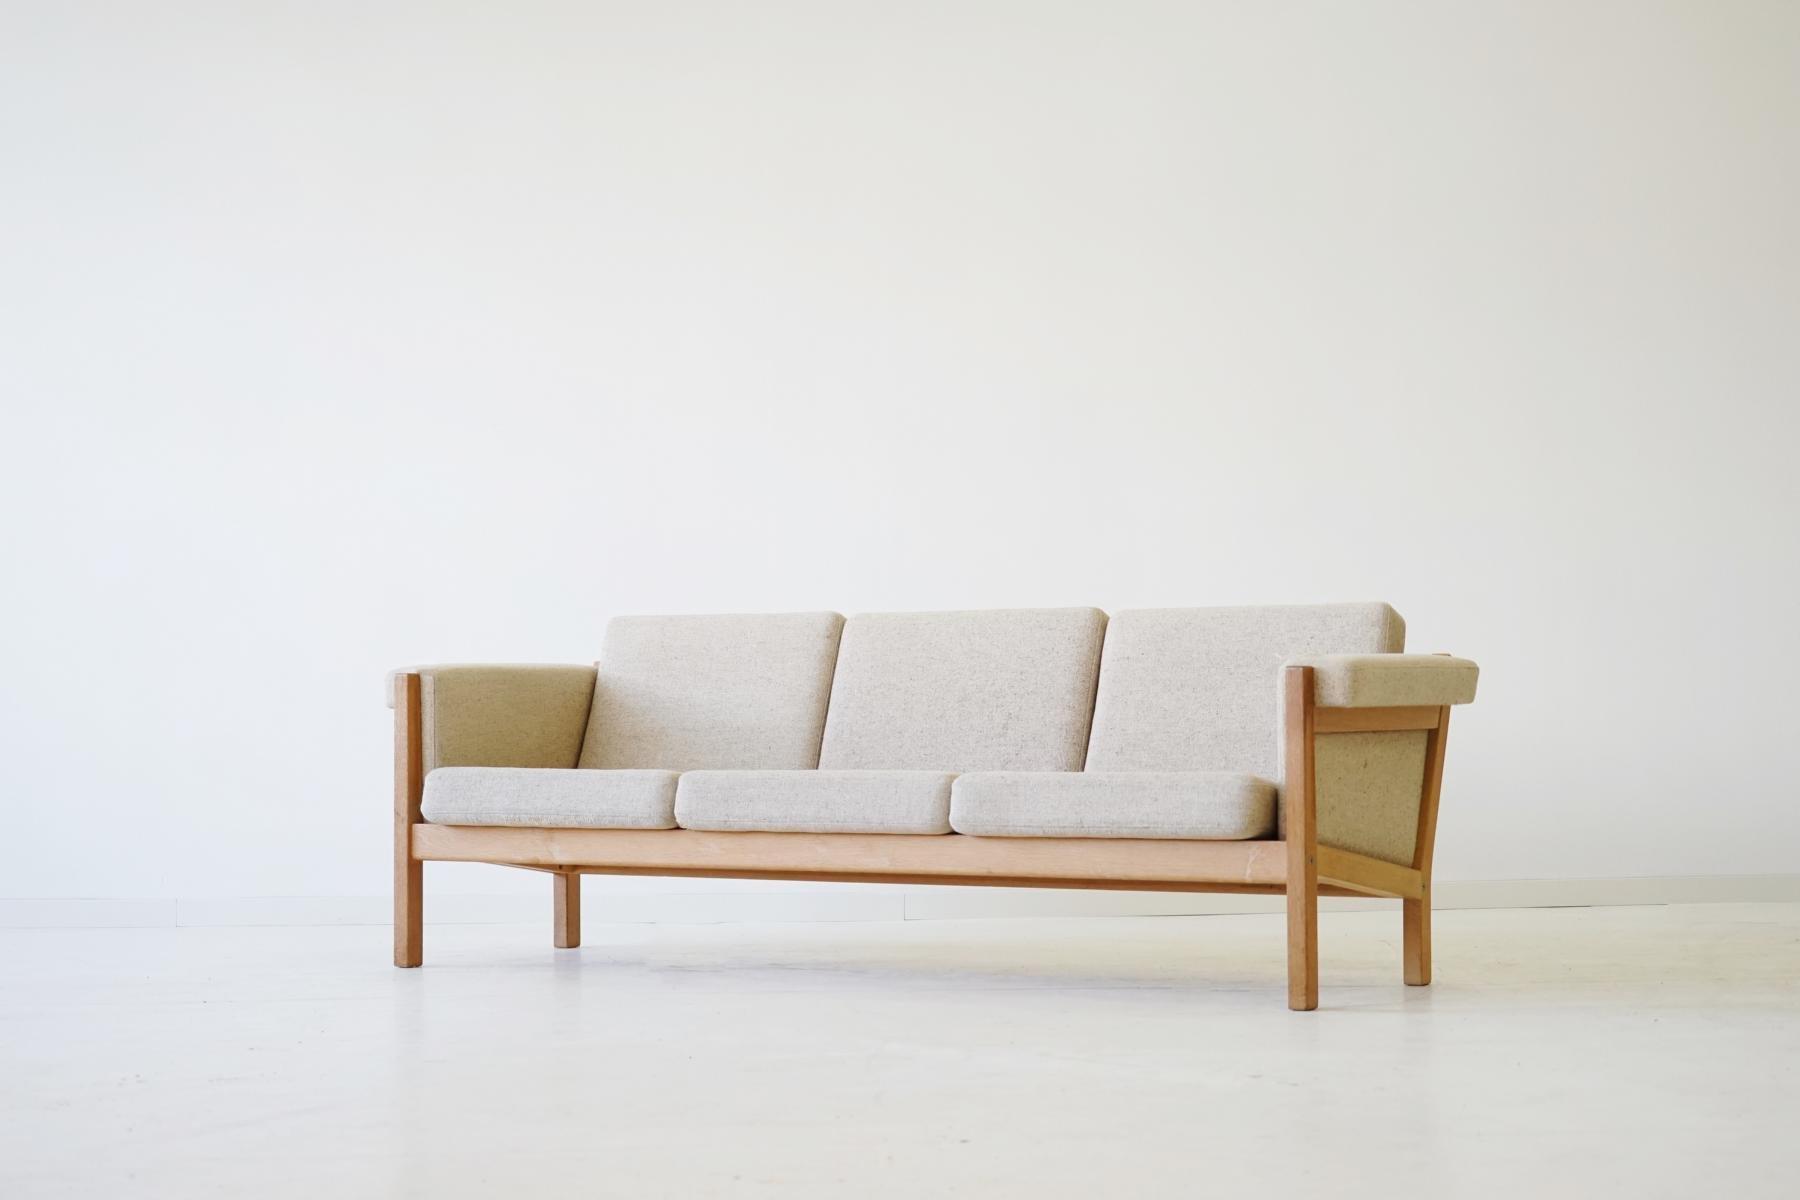 canap trois places mod le ge 40 par hans j wegner pour getama 1950s en vente sur pamono. Black Bedroom Furniture Sets. Home Design Ideas